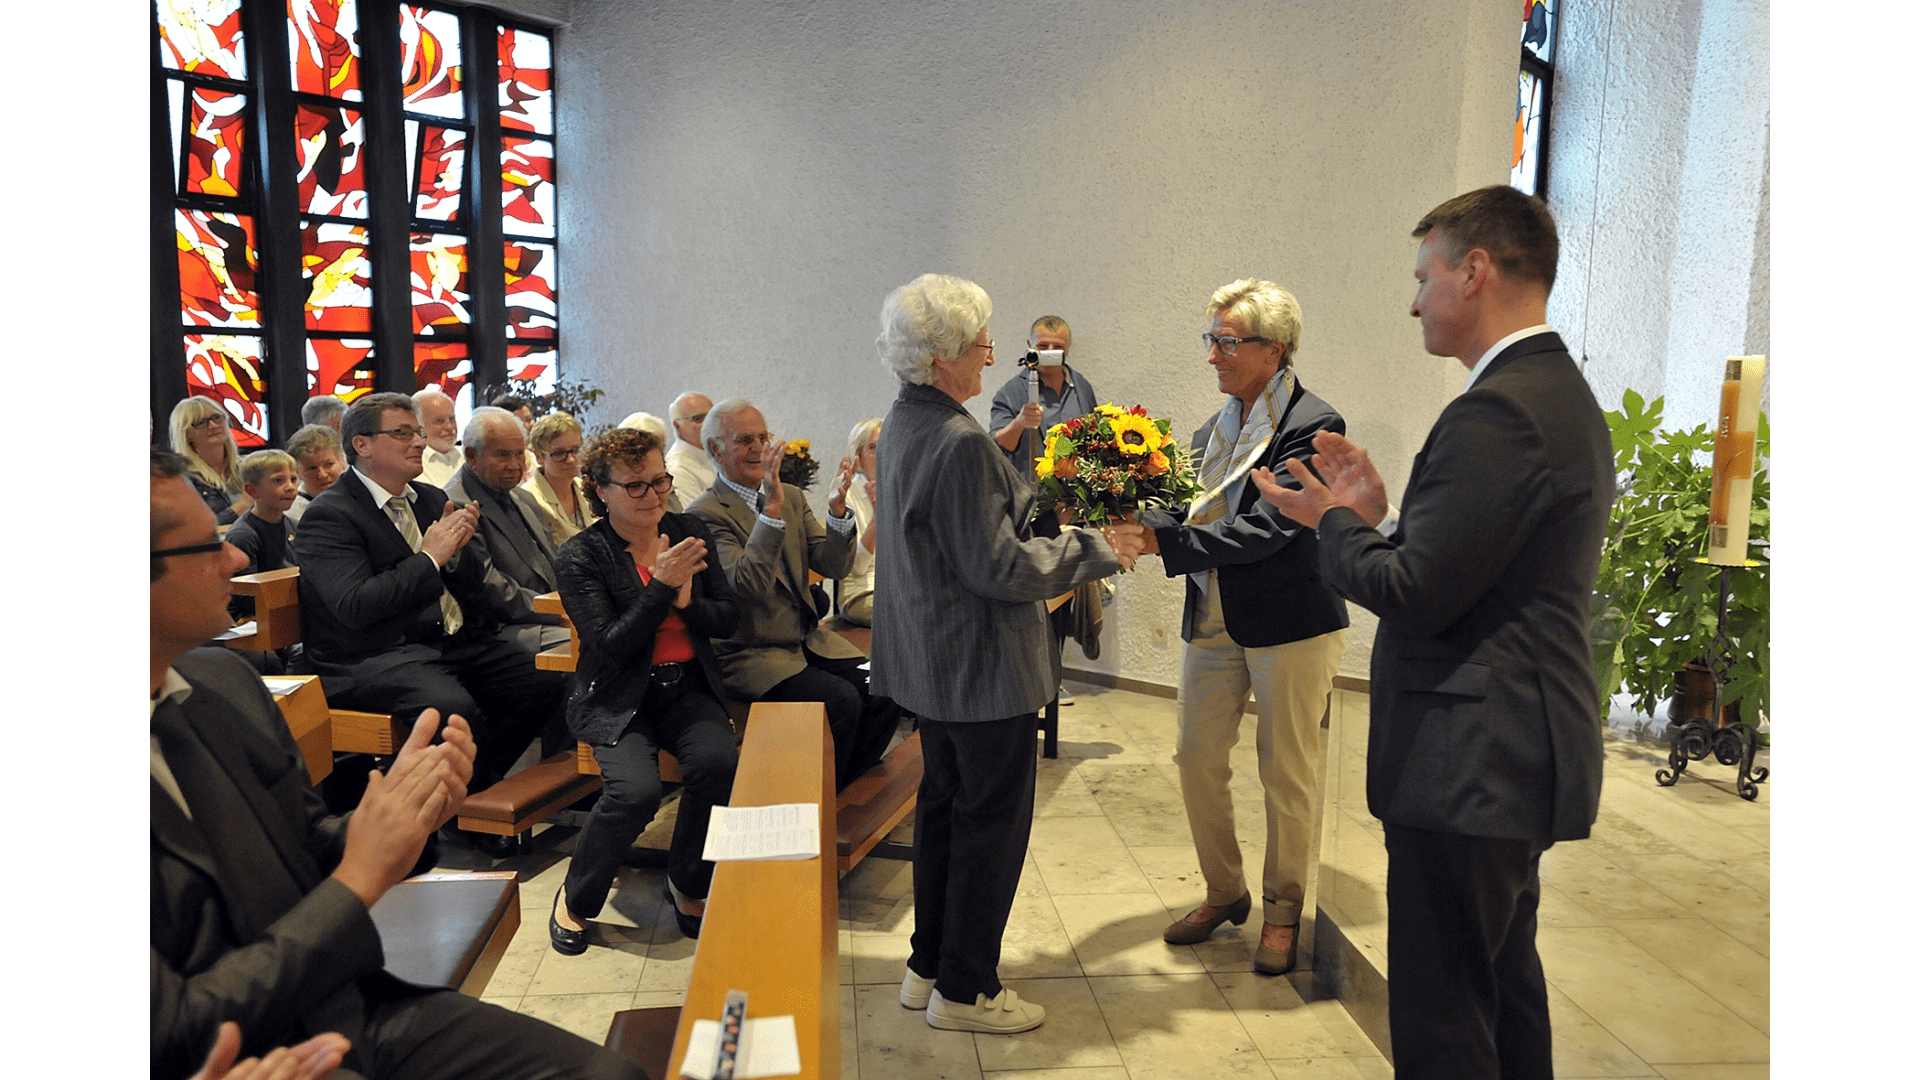 Dank an Frau Dr. Hörnle für über 30 jährige ärztliche Betreuung der Schwestern. Foto:Archiv Freundeskreis Filipowa